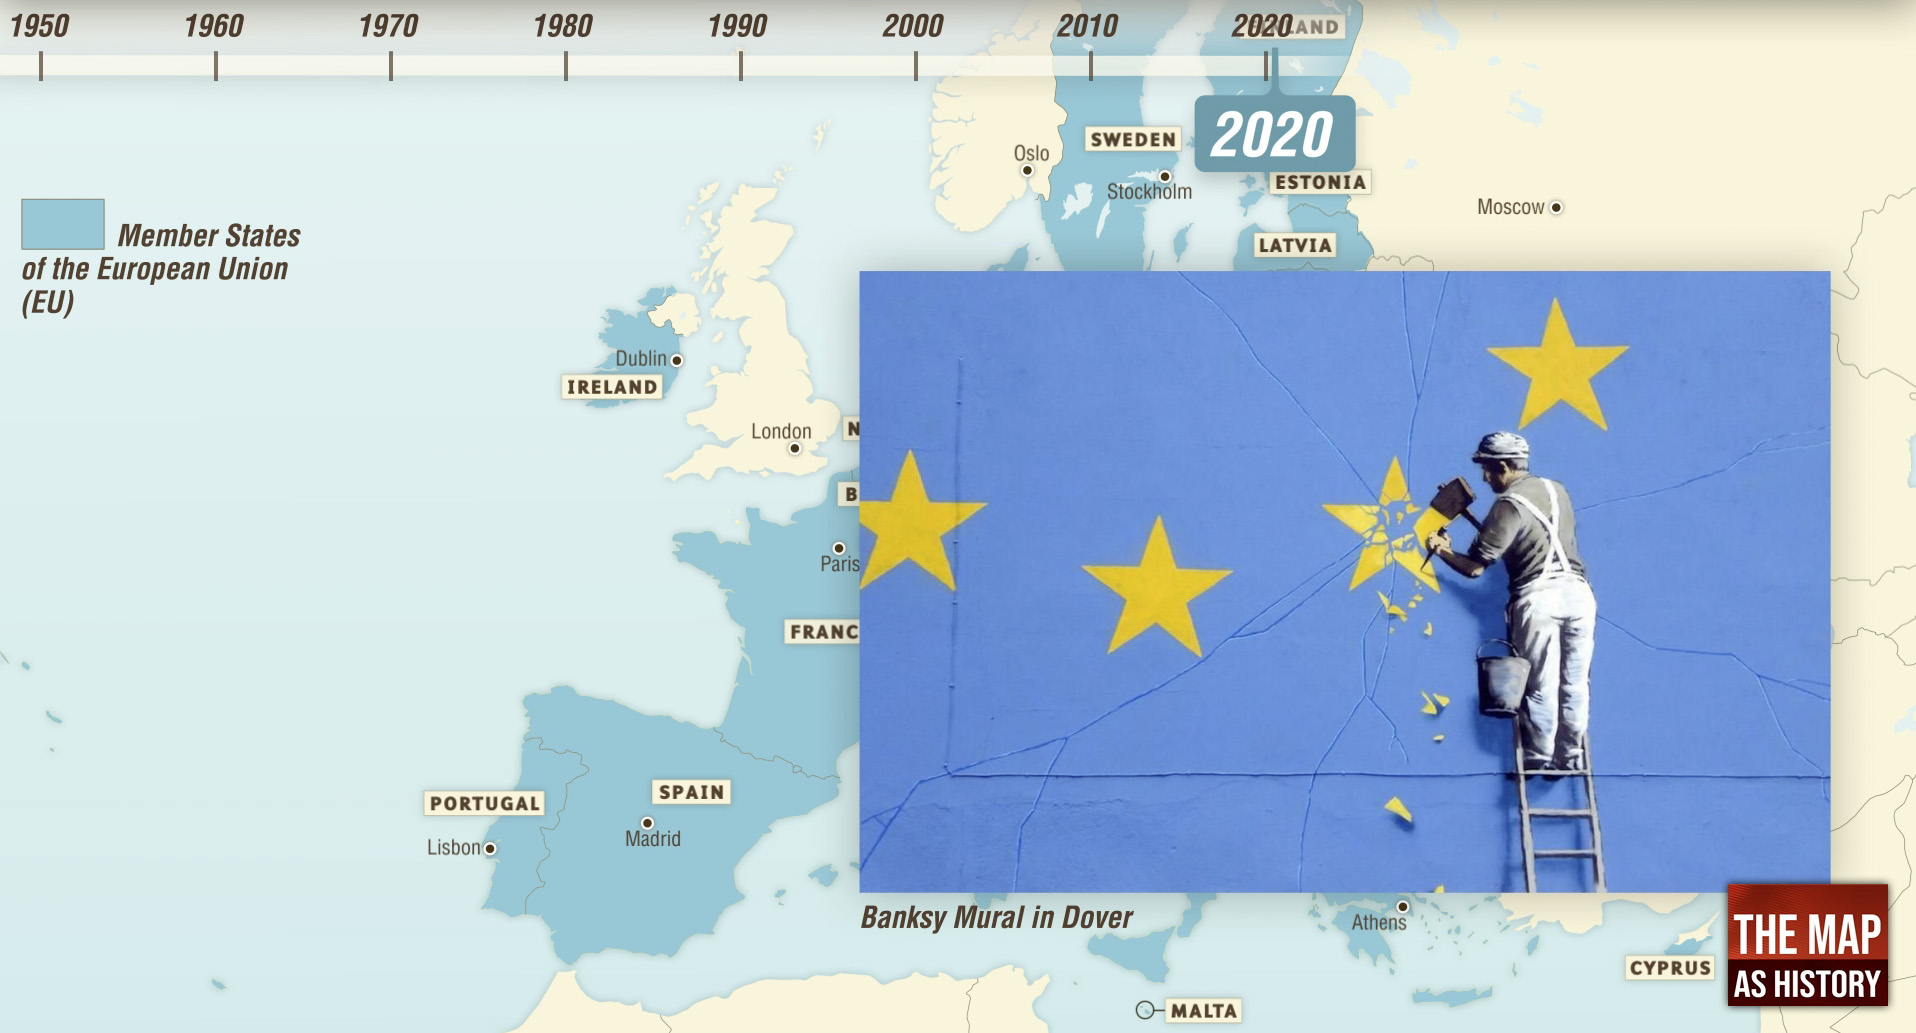 Milestones in European Construction